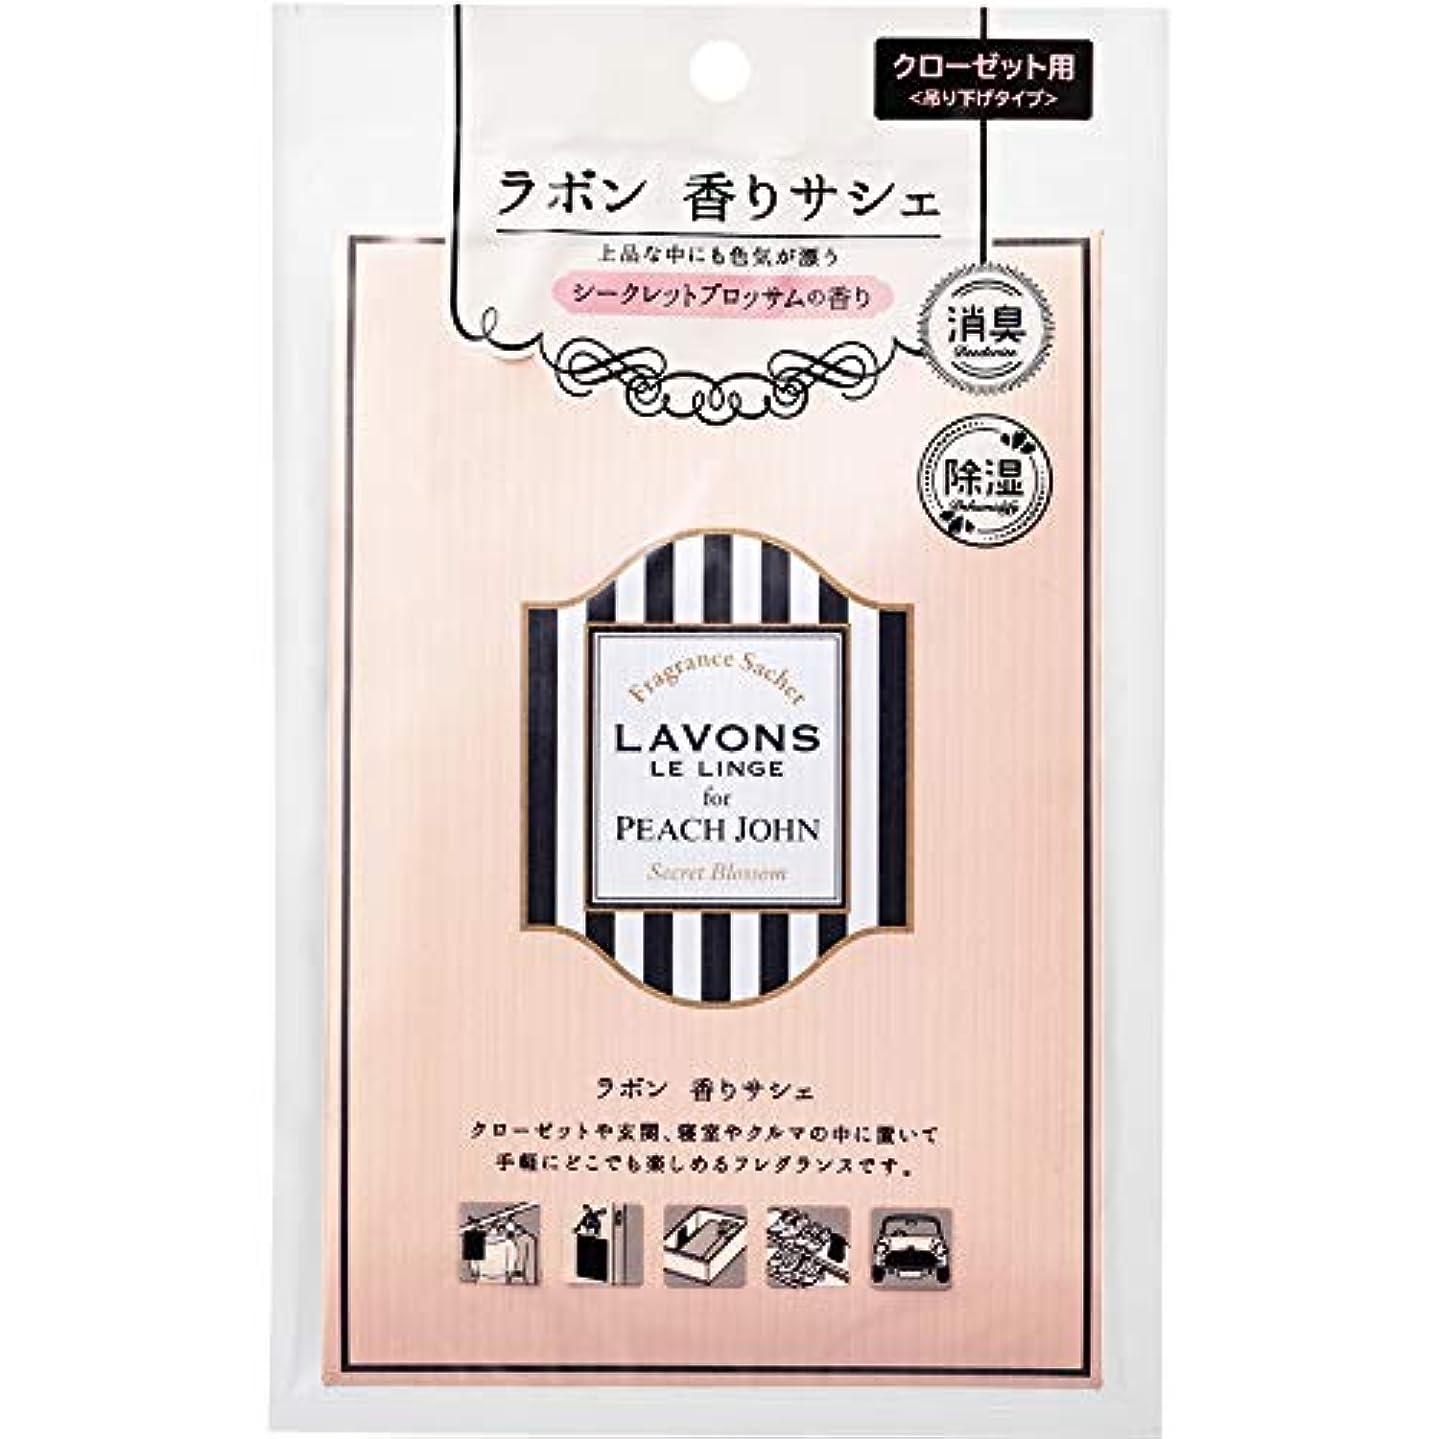 ソースラウズ説明的ラボン for PEACH JOHN 香りサシェ (香り袋) シークレットブロッサムの香り 20g